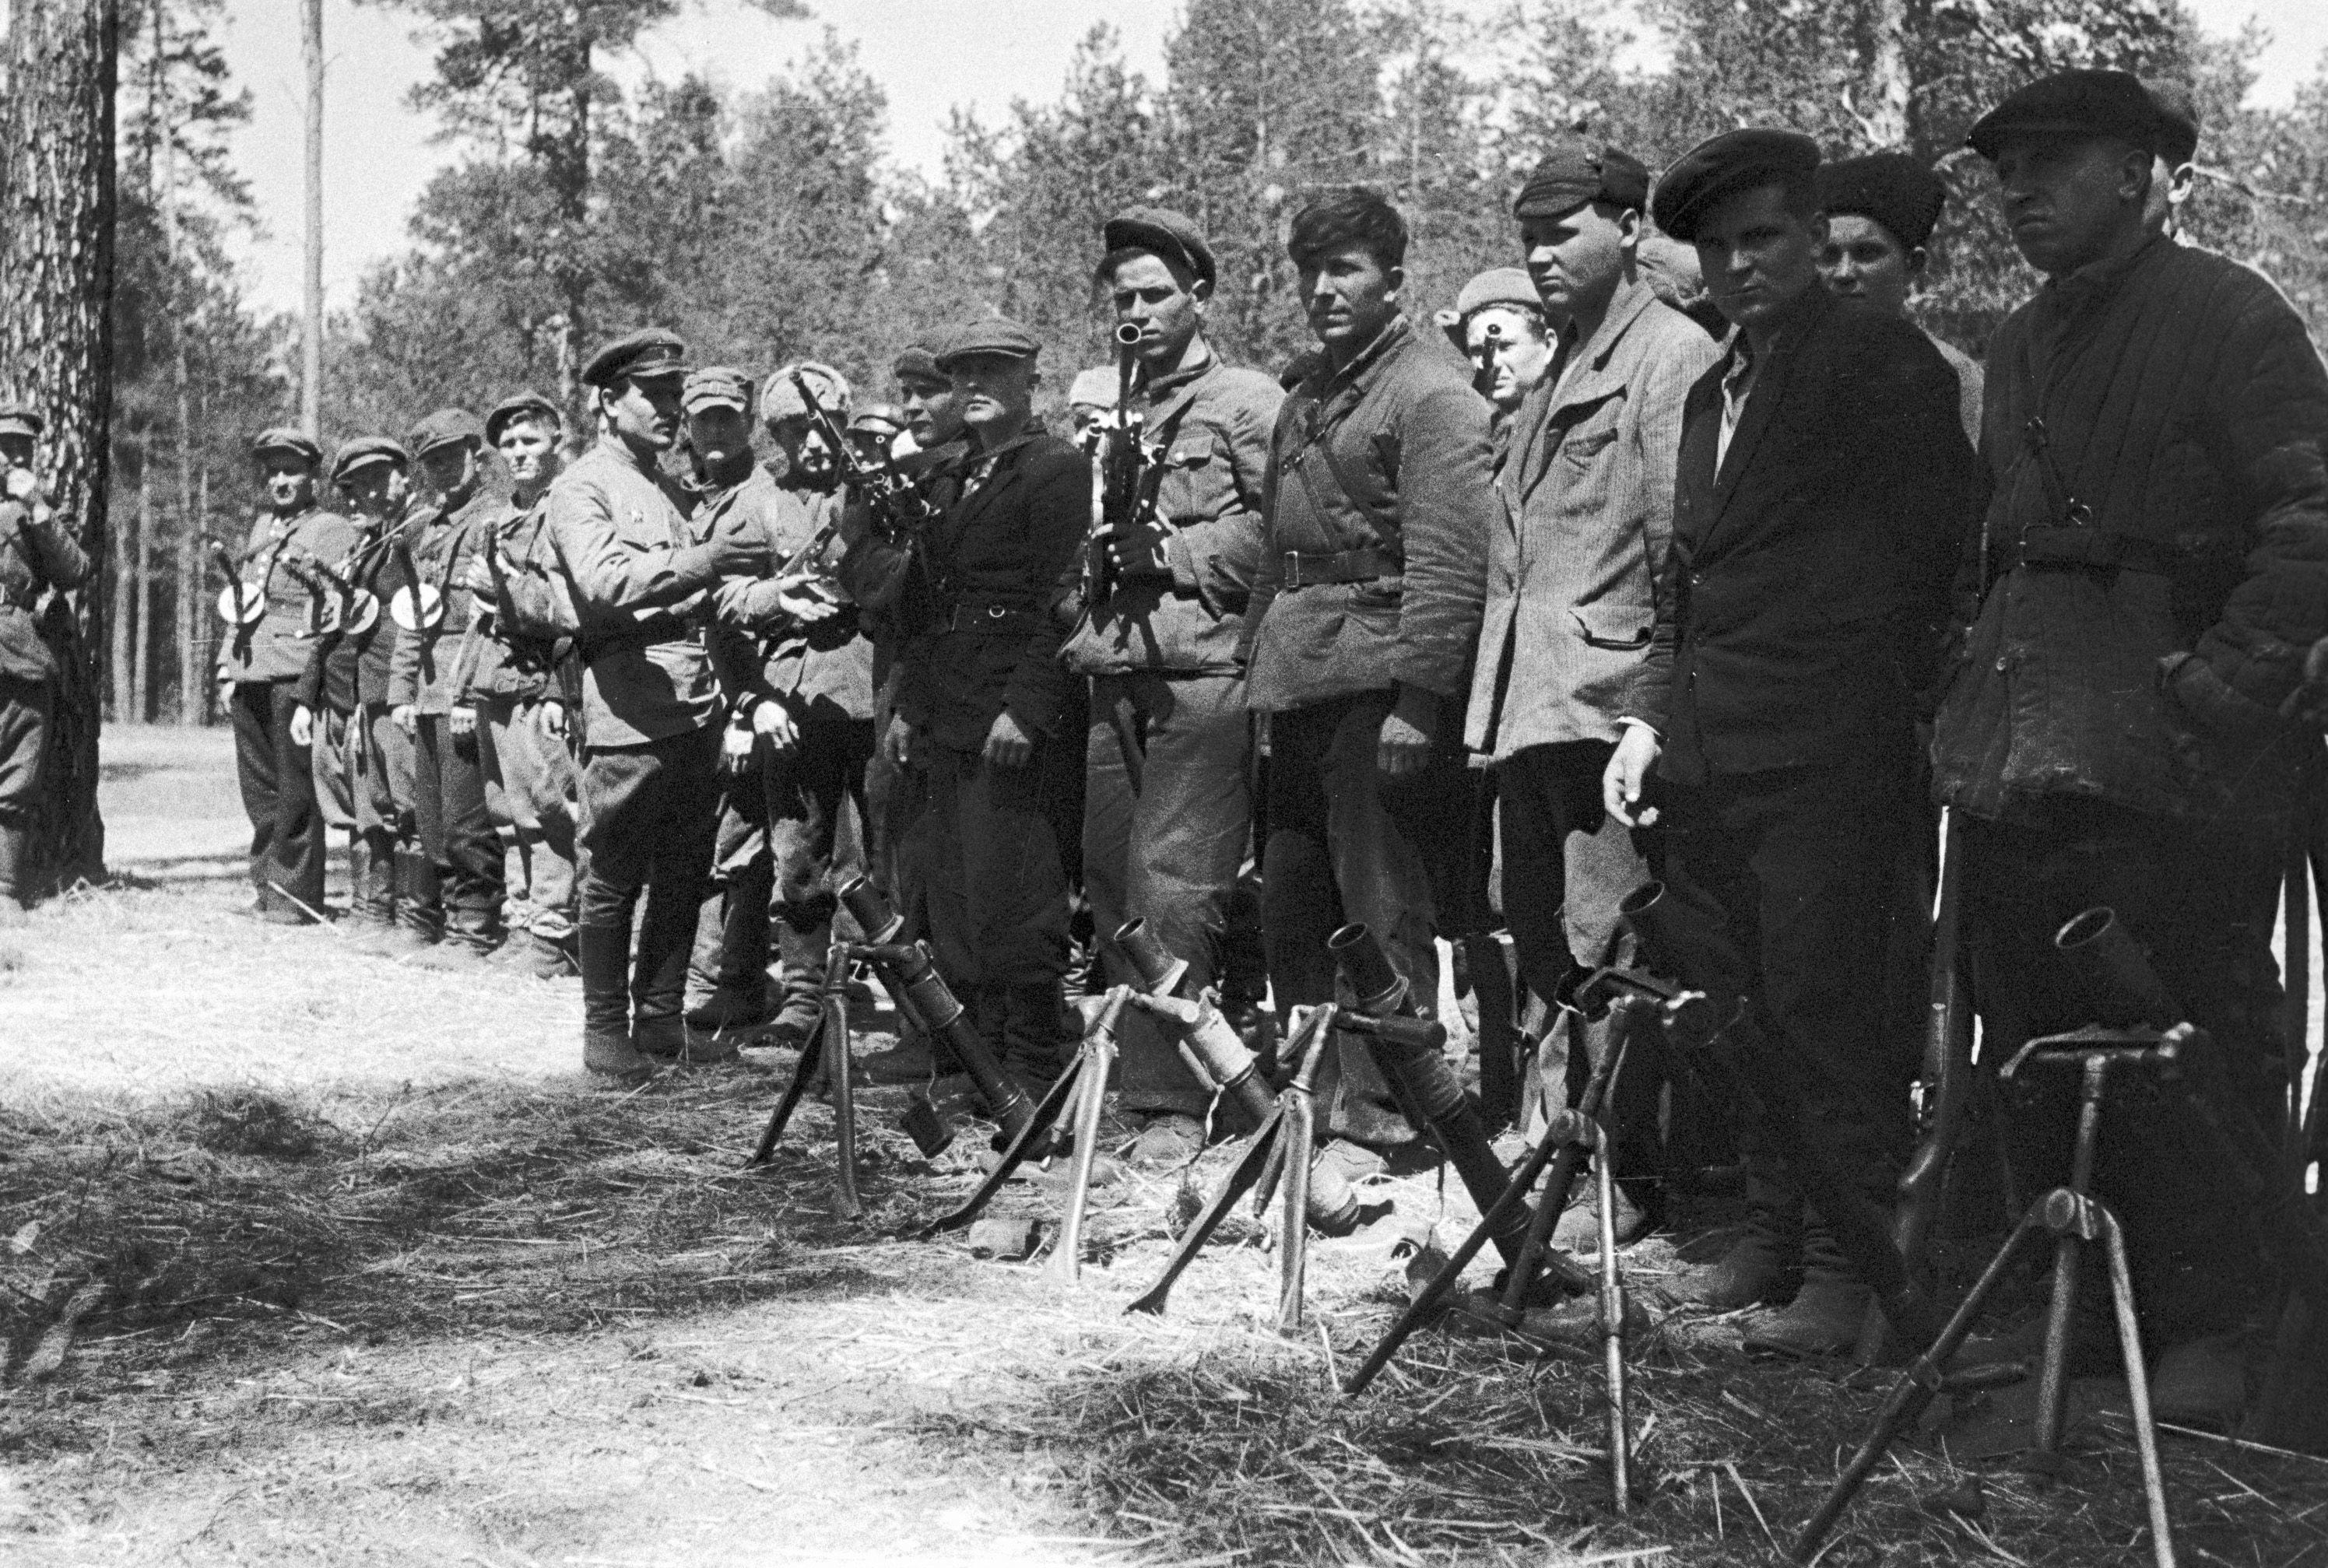 Белорусские партизаны перед боевой операцией, 1942 год